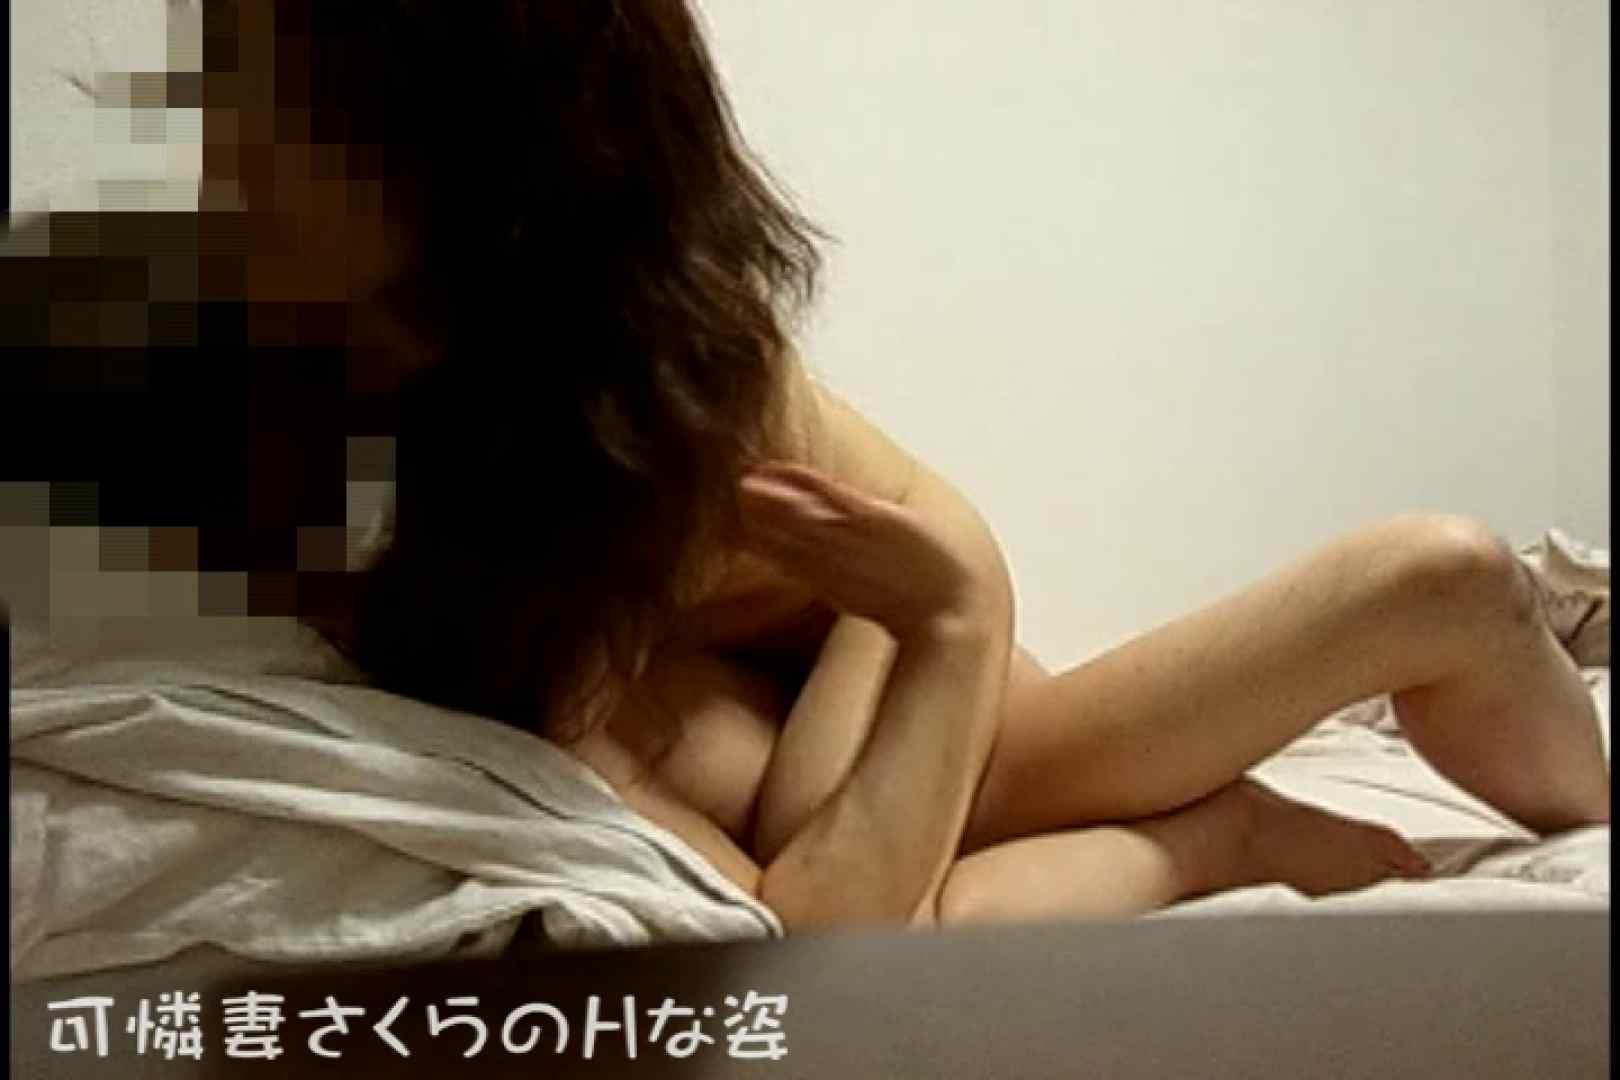 可憐妻さくらのHな姿vol.3 セックス映像 おまんこ無修正動画無料 83pic 23